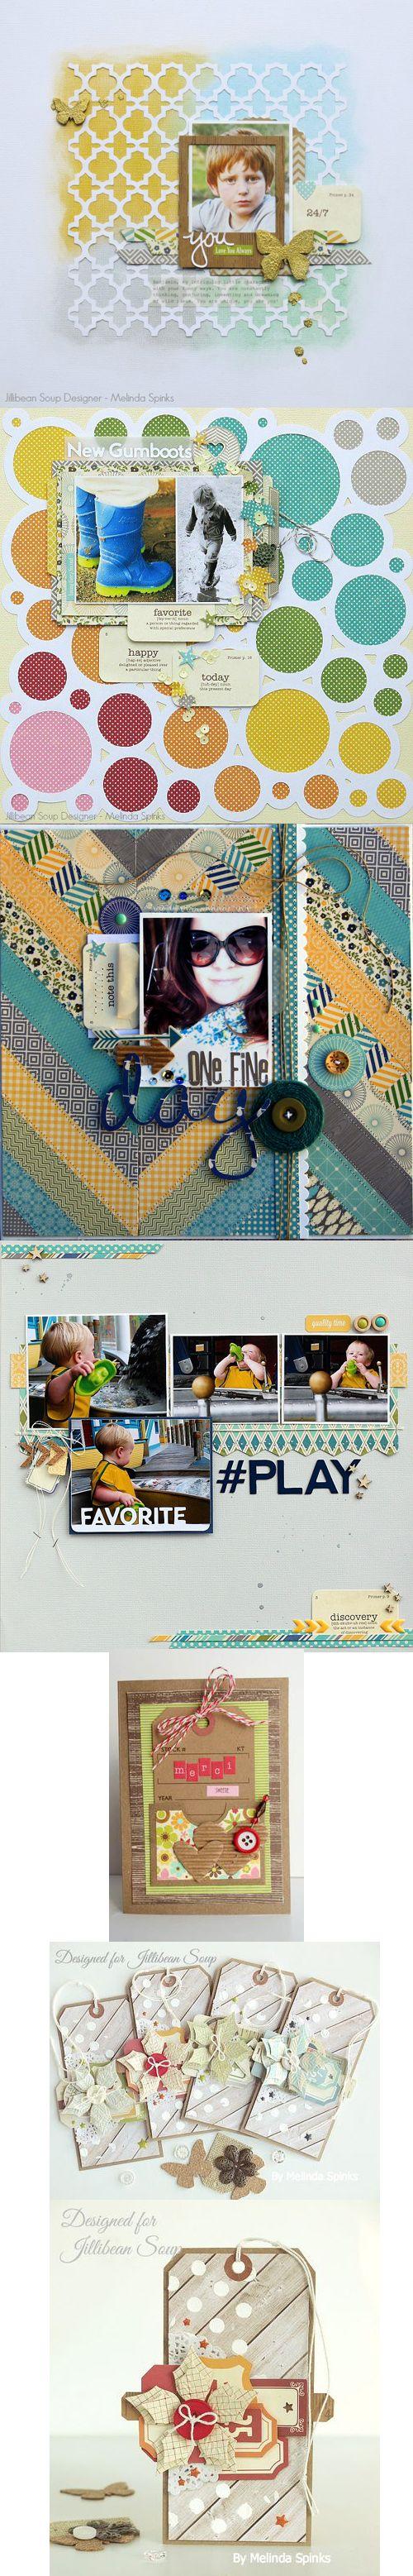 Scrapbook ideas cheap - Jill Card Via Peachy Cheap Scrapbook Layoutsscrapbookinginternetjpgideas